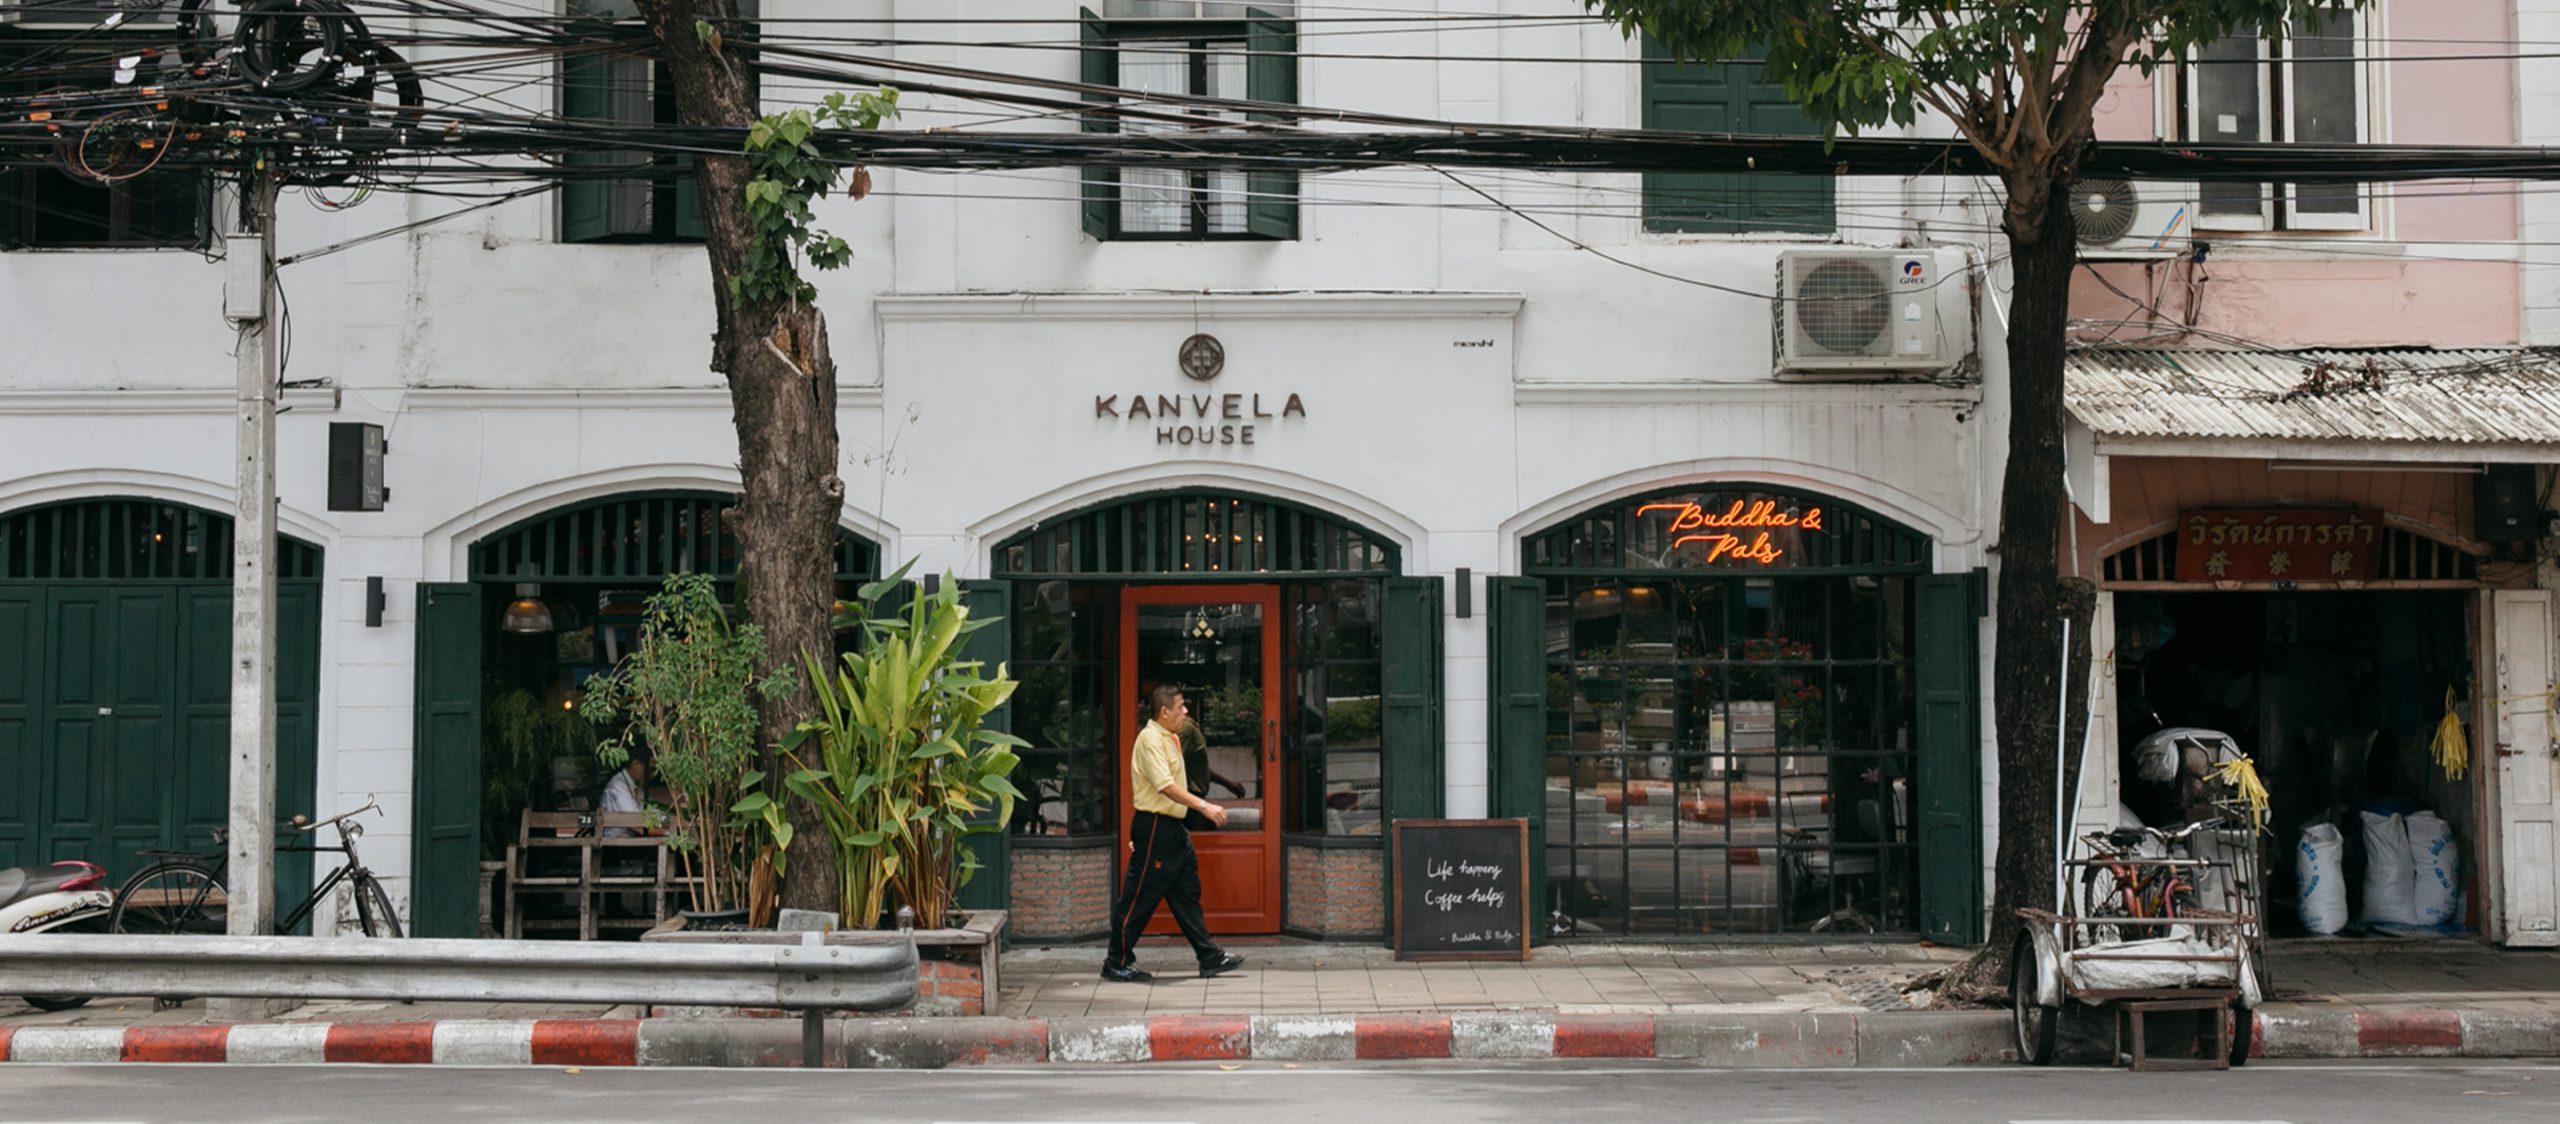 Kanvela House เปลี่ยนตึกเก่าอายุร้อยปีเป็นโฮสเทลที่ทำเอาแขกผู้เข้าพักอยากหลงลืมวันเวลา